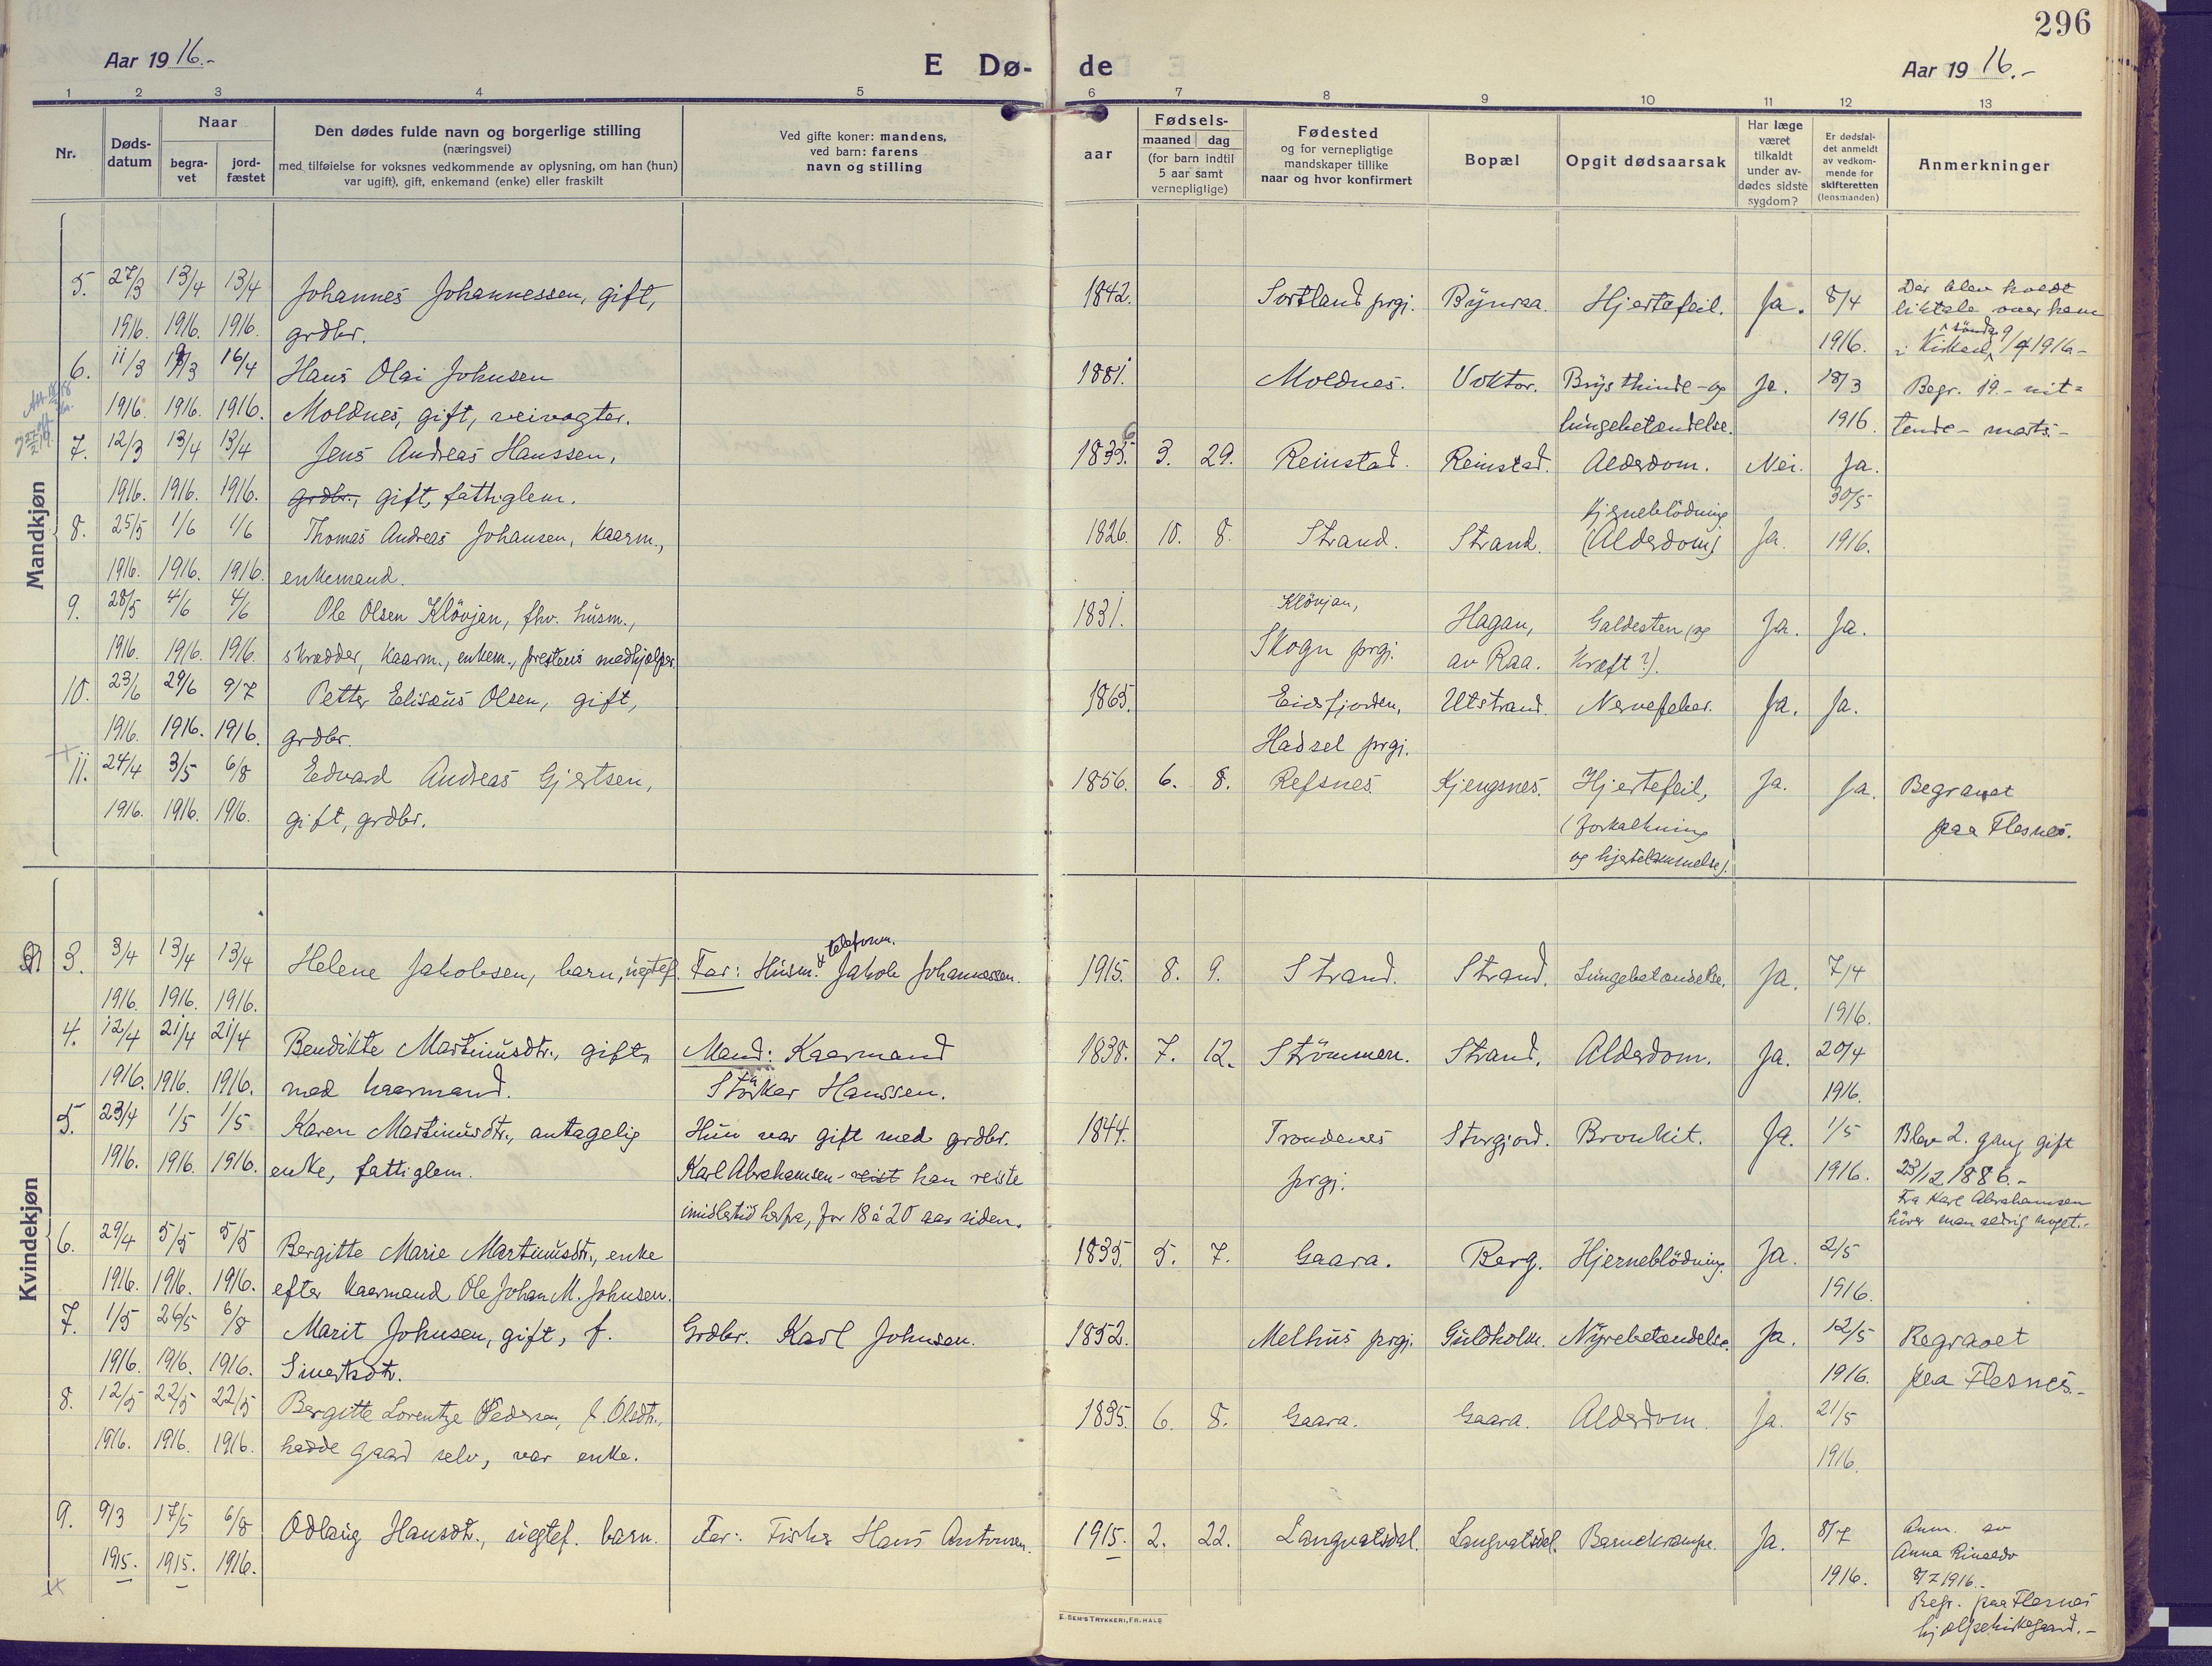 SATØ, Kvæfjord sokneprestkontor, G/Ga/Gaa/L0007kirke: Ministerialbok nr. 7, 1915-1931, s. 296